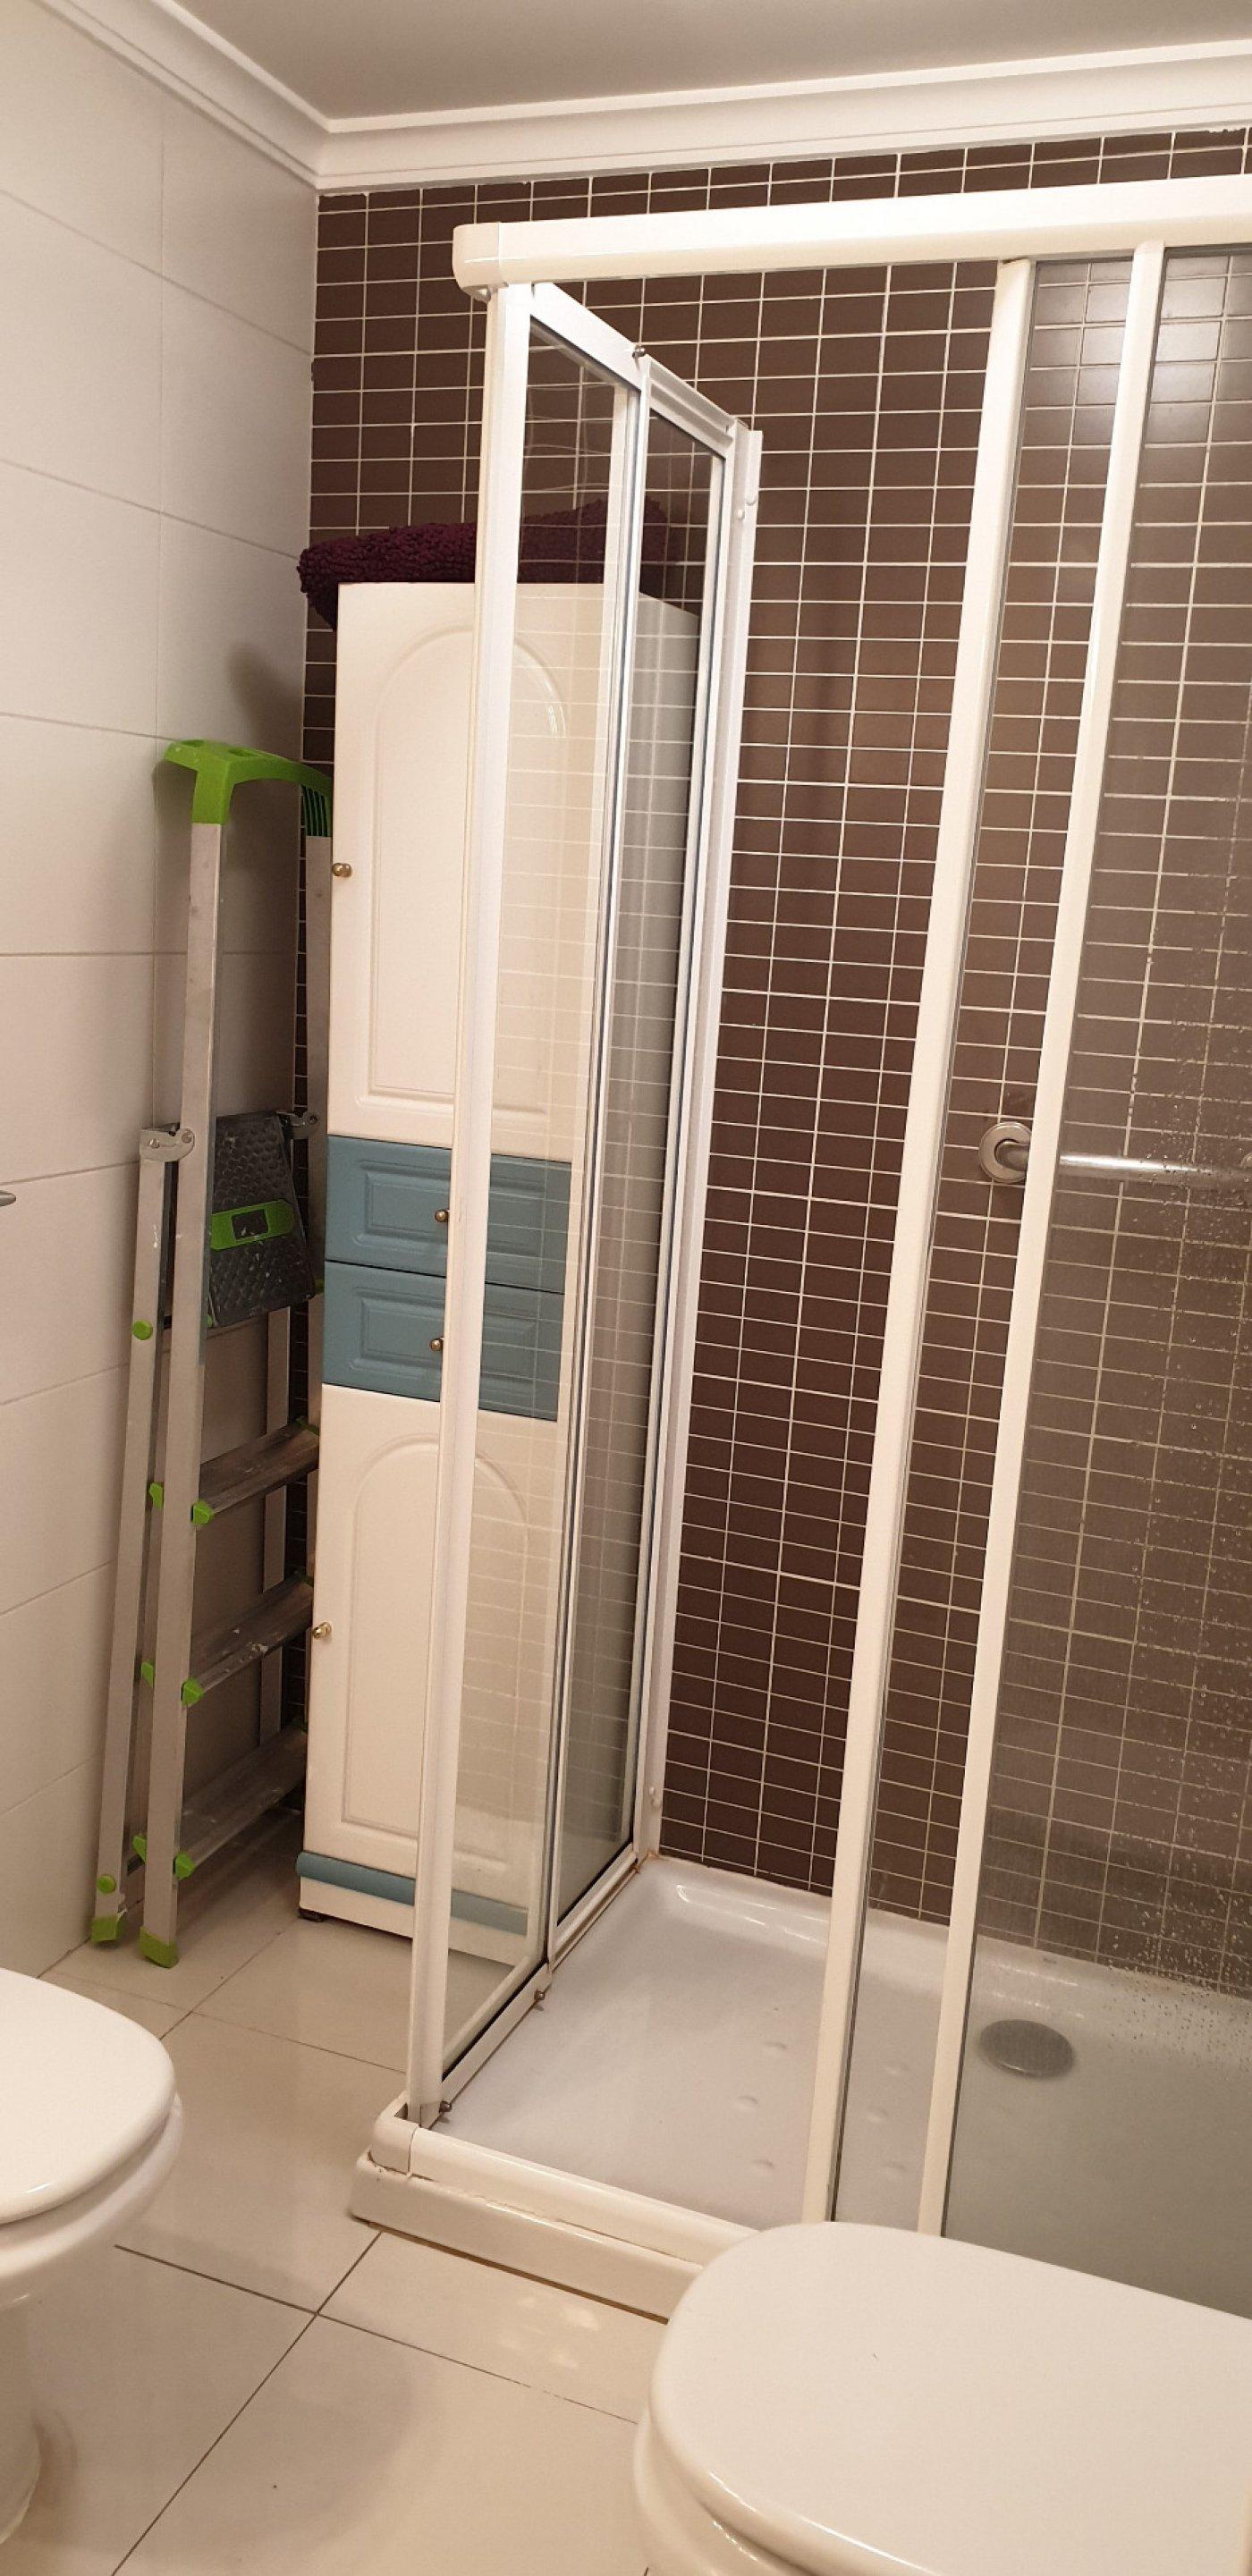 Fotogalería - 24 - ADAL Denia - Inmobiliaria - Apartamentos - Pisos - Chalets en Denia